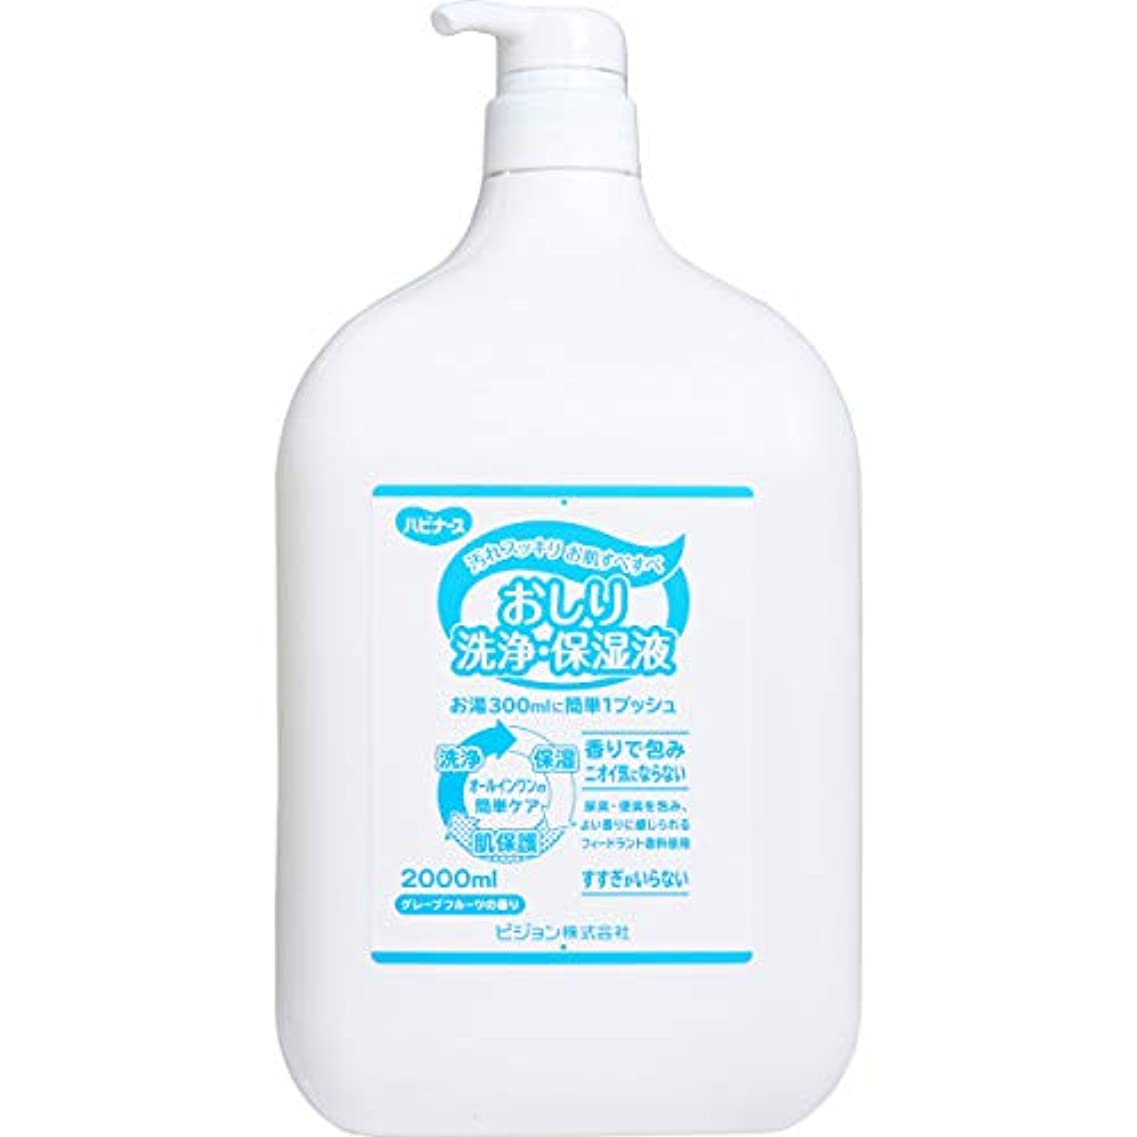 適性締める標準ハビナース おしり洗浄?保湿液 グレープフルーツの香り 2000mL 洗浄?保湿?肌保護 オールインワンの簡単ケア!